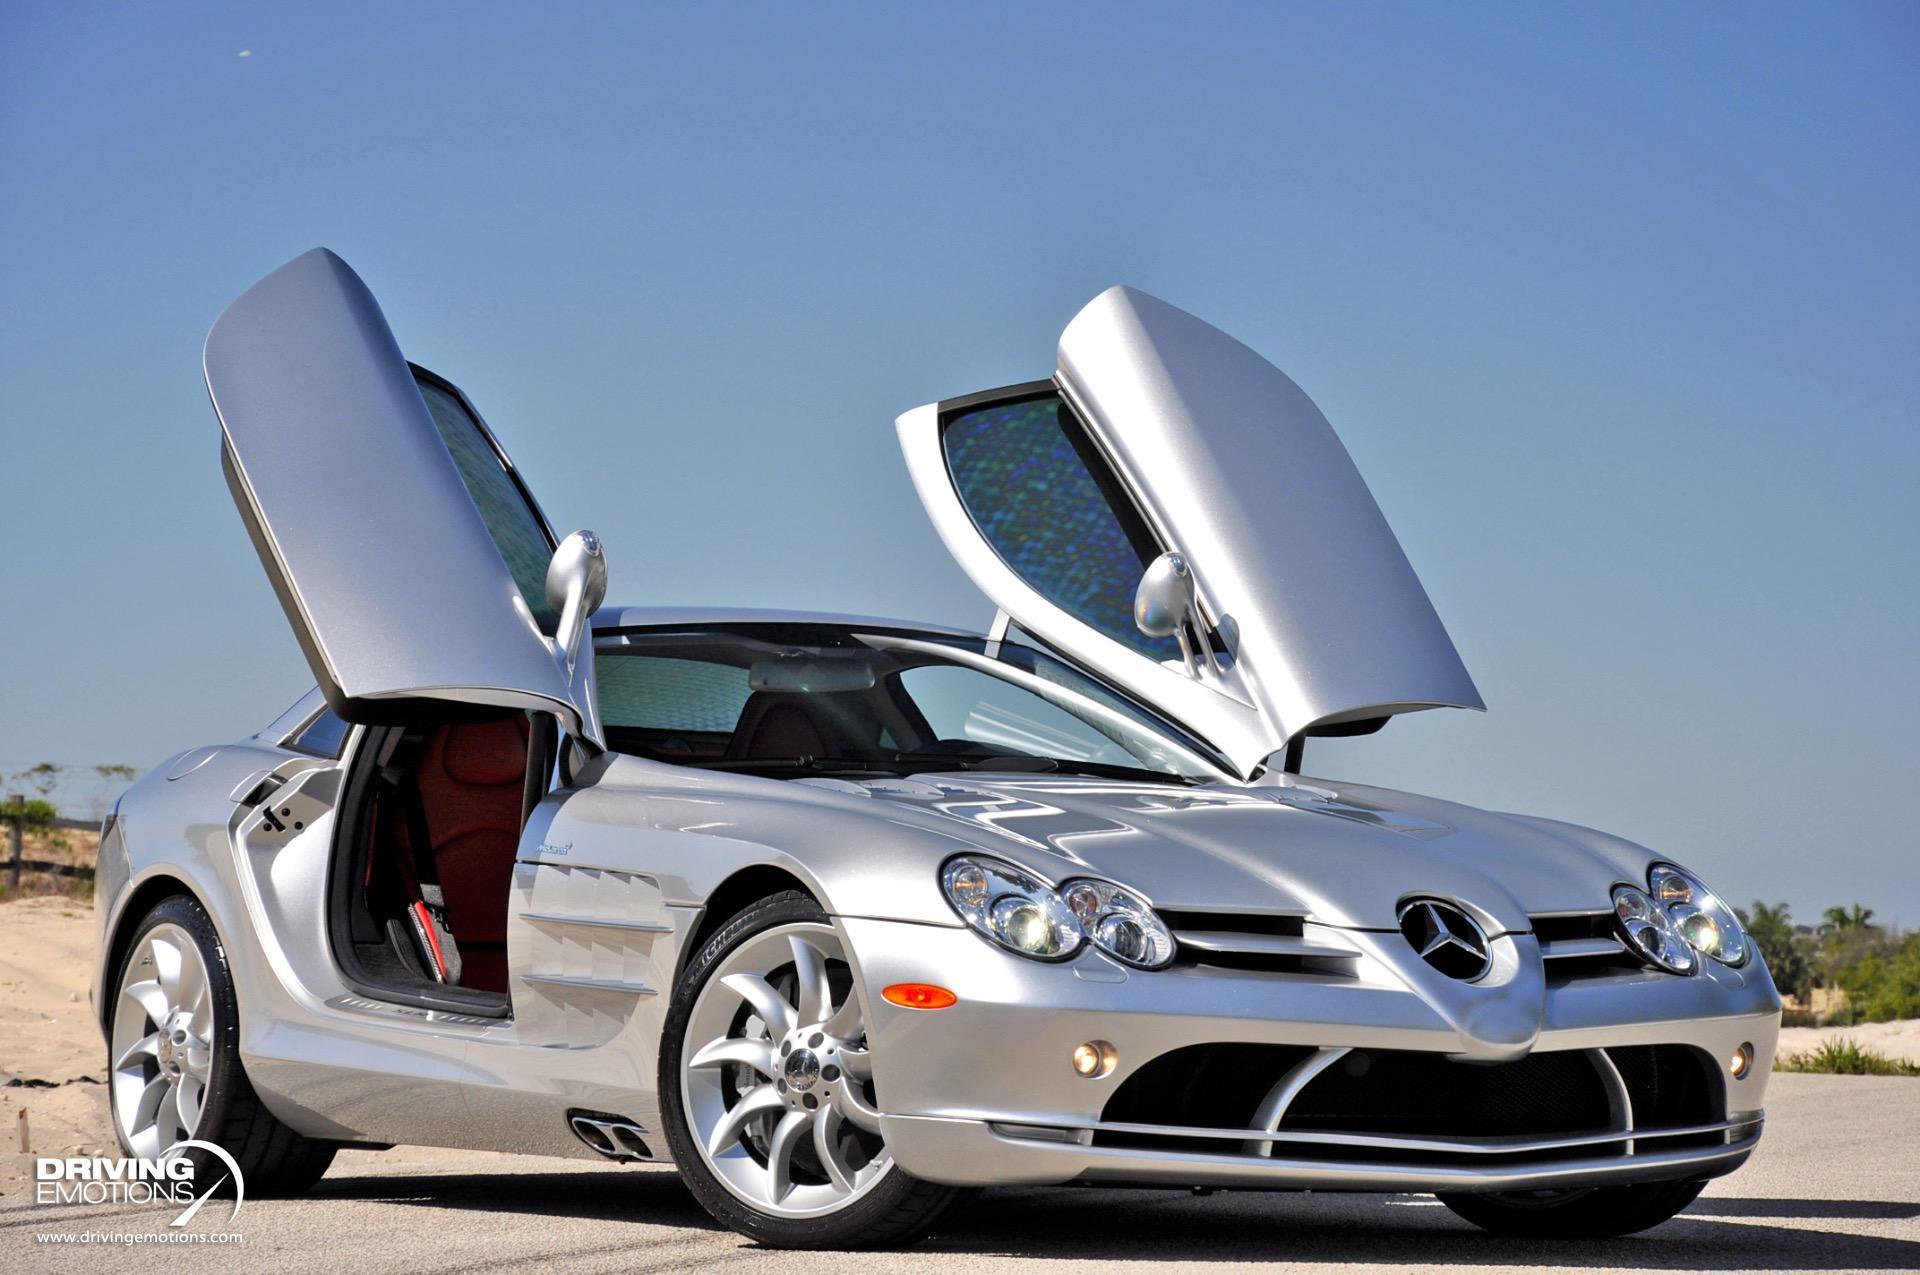 Used 2006 Mercedes-Benz SLR McLaren SILVER/RED! $465K MSRP!! | Lake Park, FL